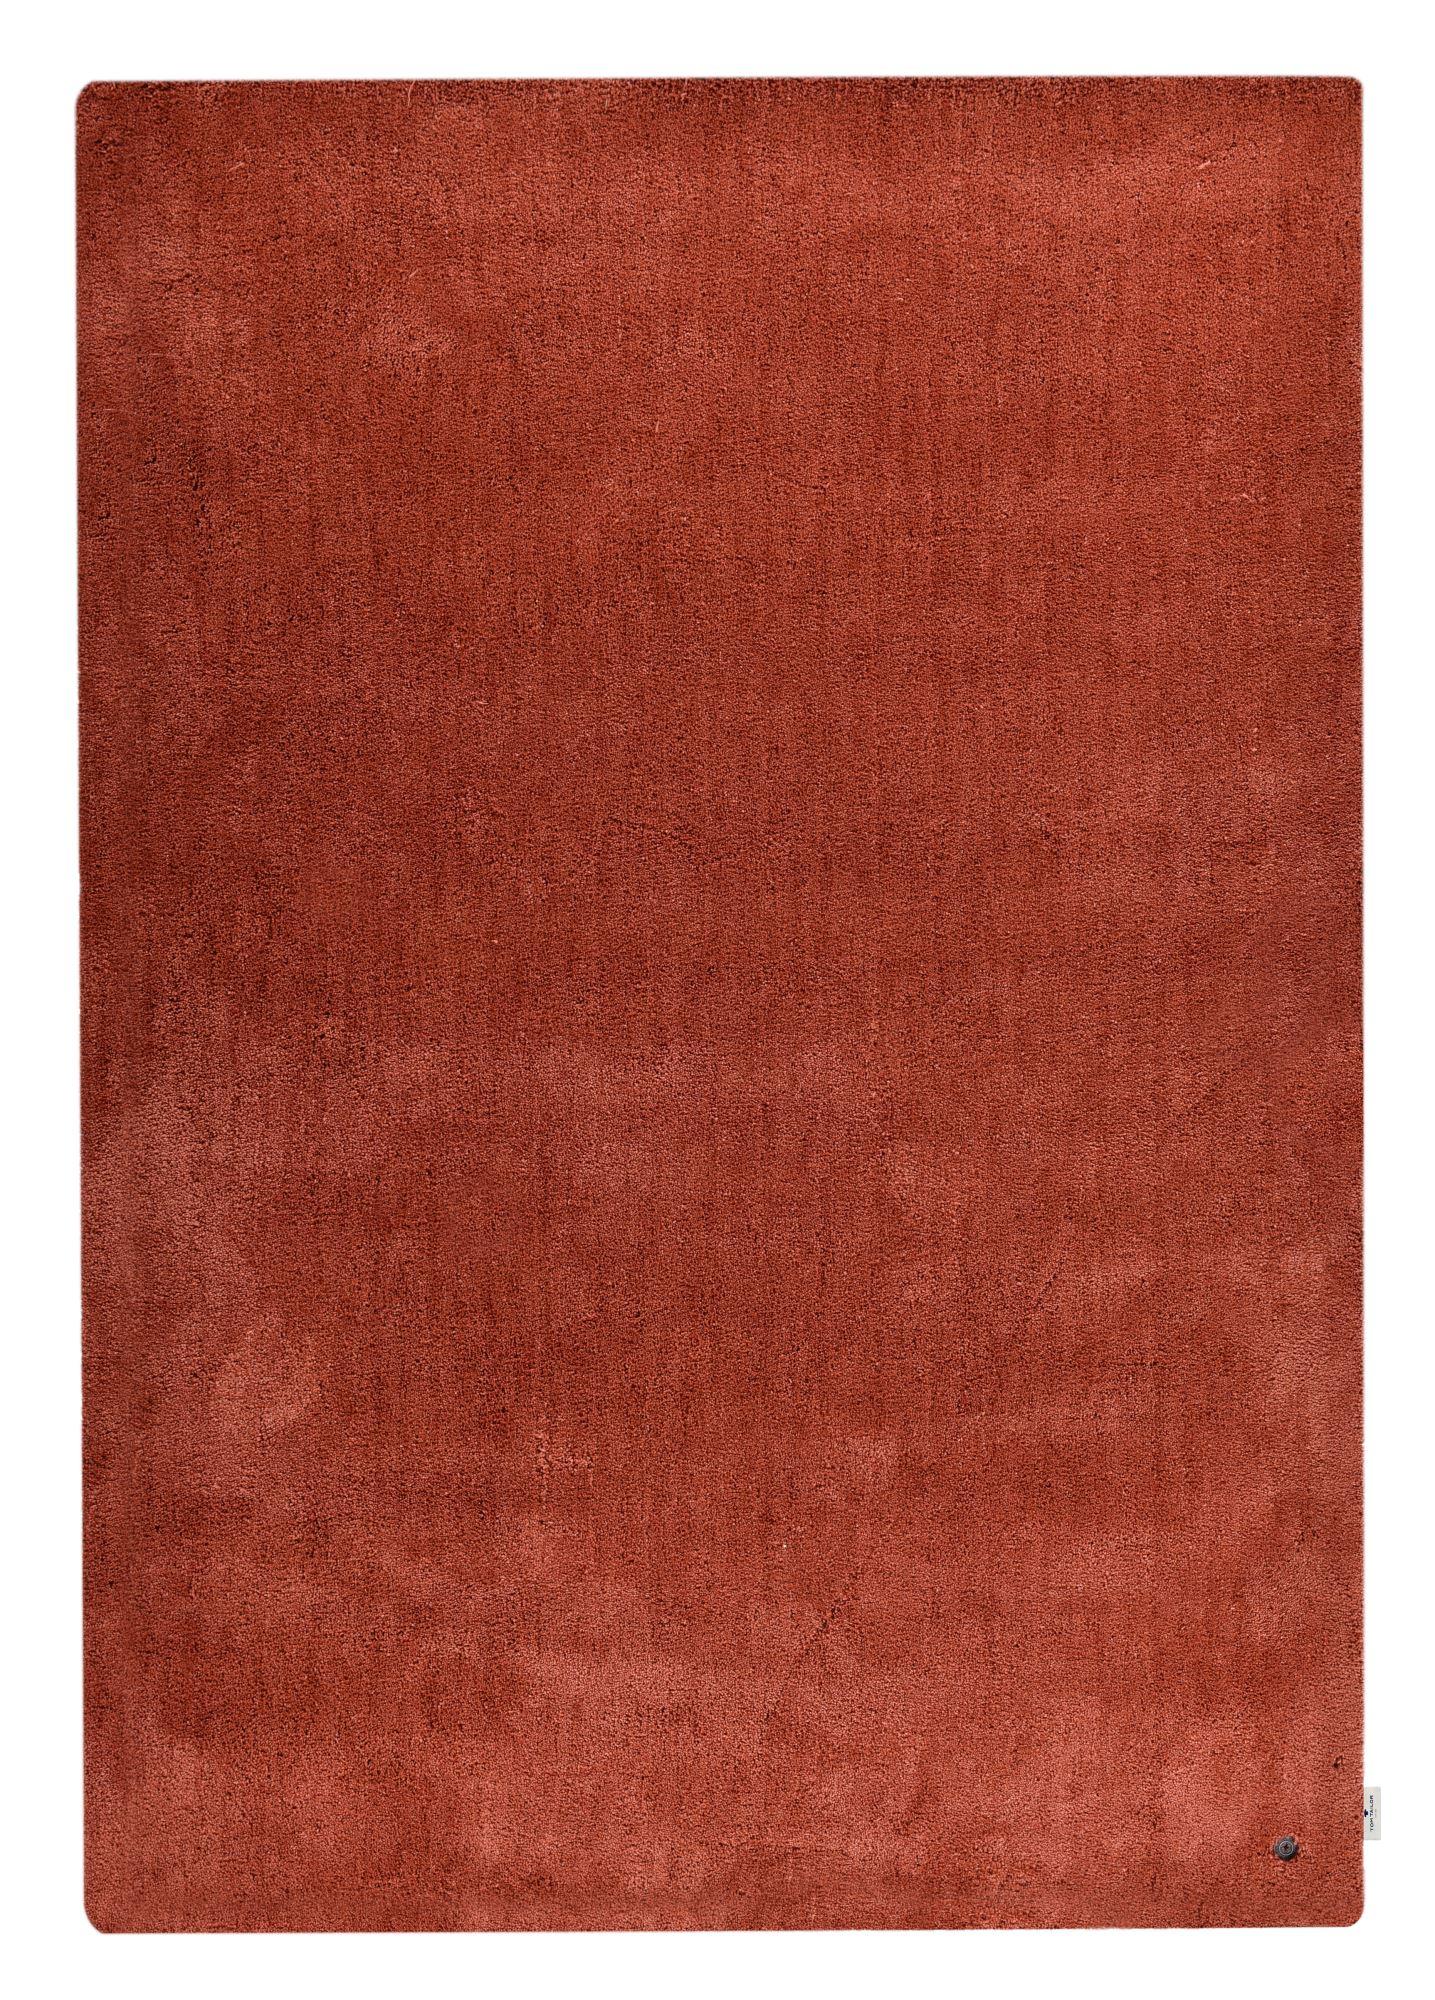 Tapis shaggy - tufté à la main - en polyester - rouille 65x135 cm